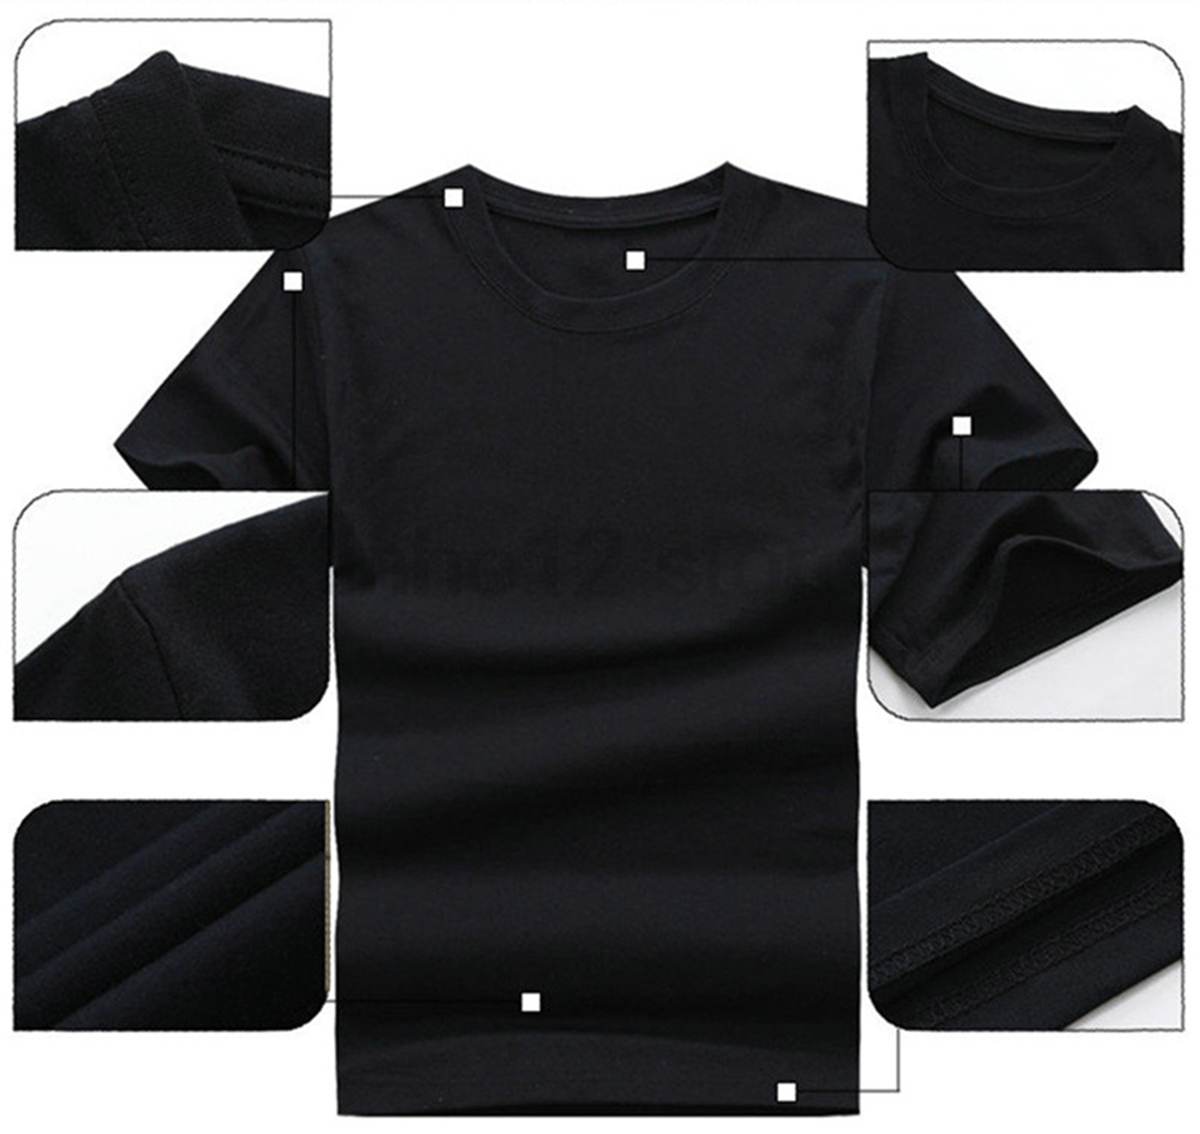 GILDAN Senegal Shirt - Senegal Jersey Womens T-shirt